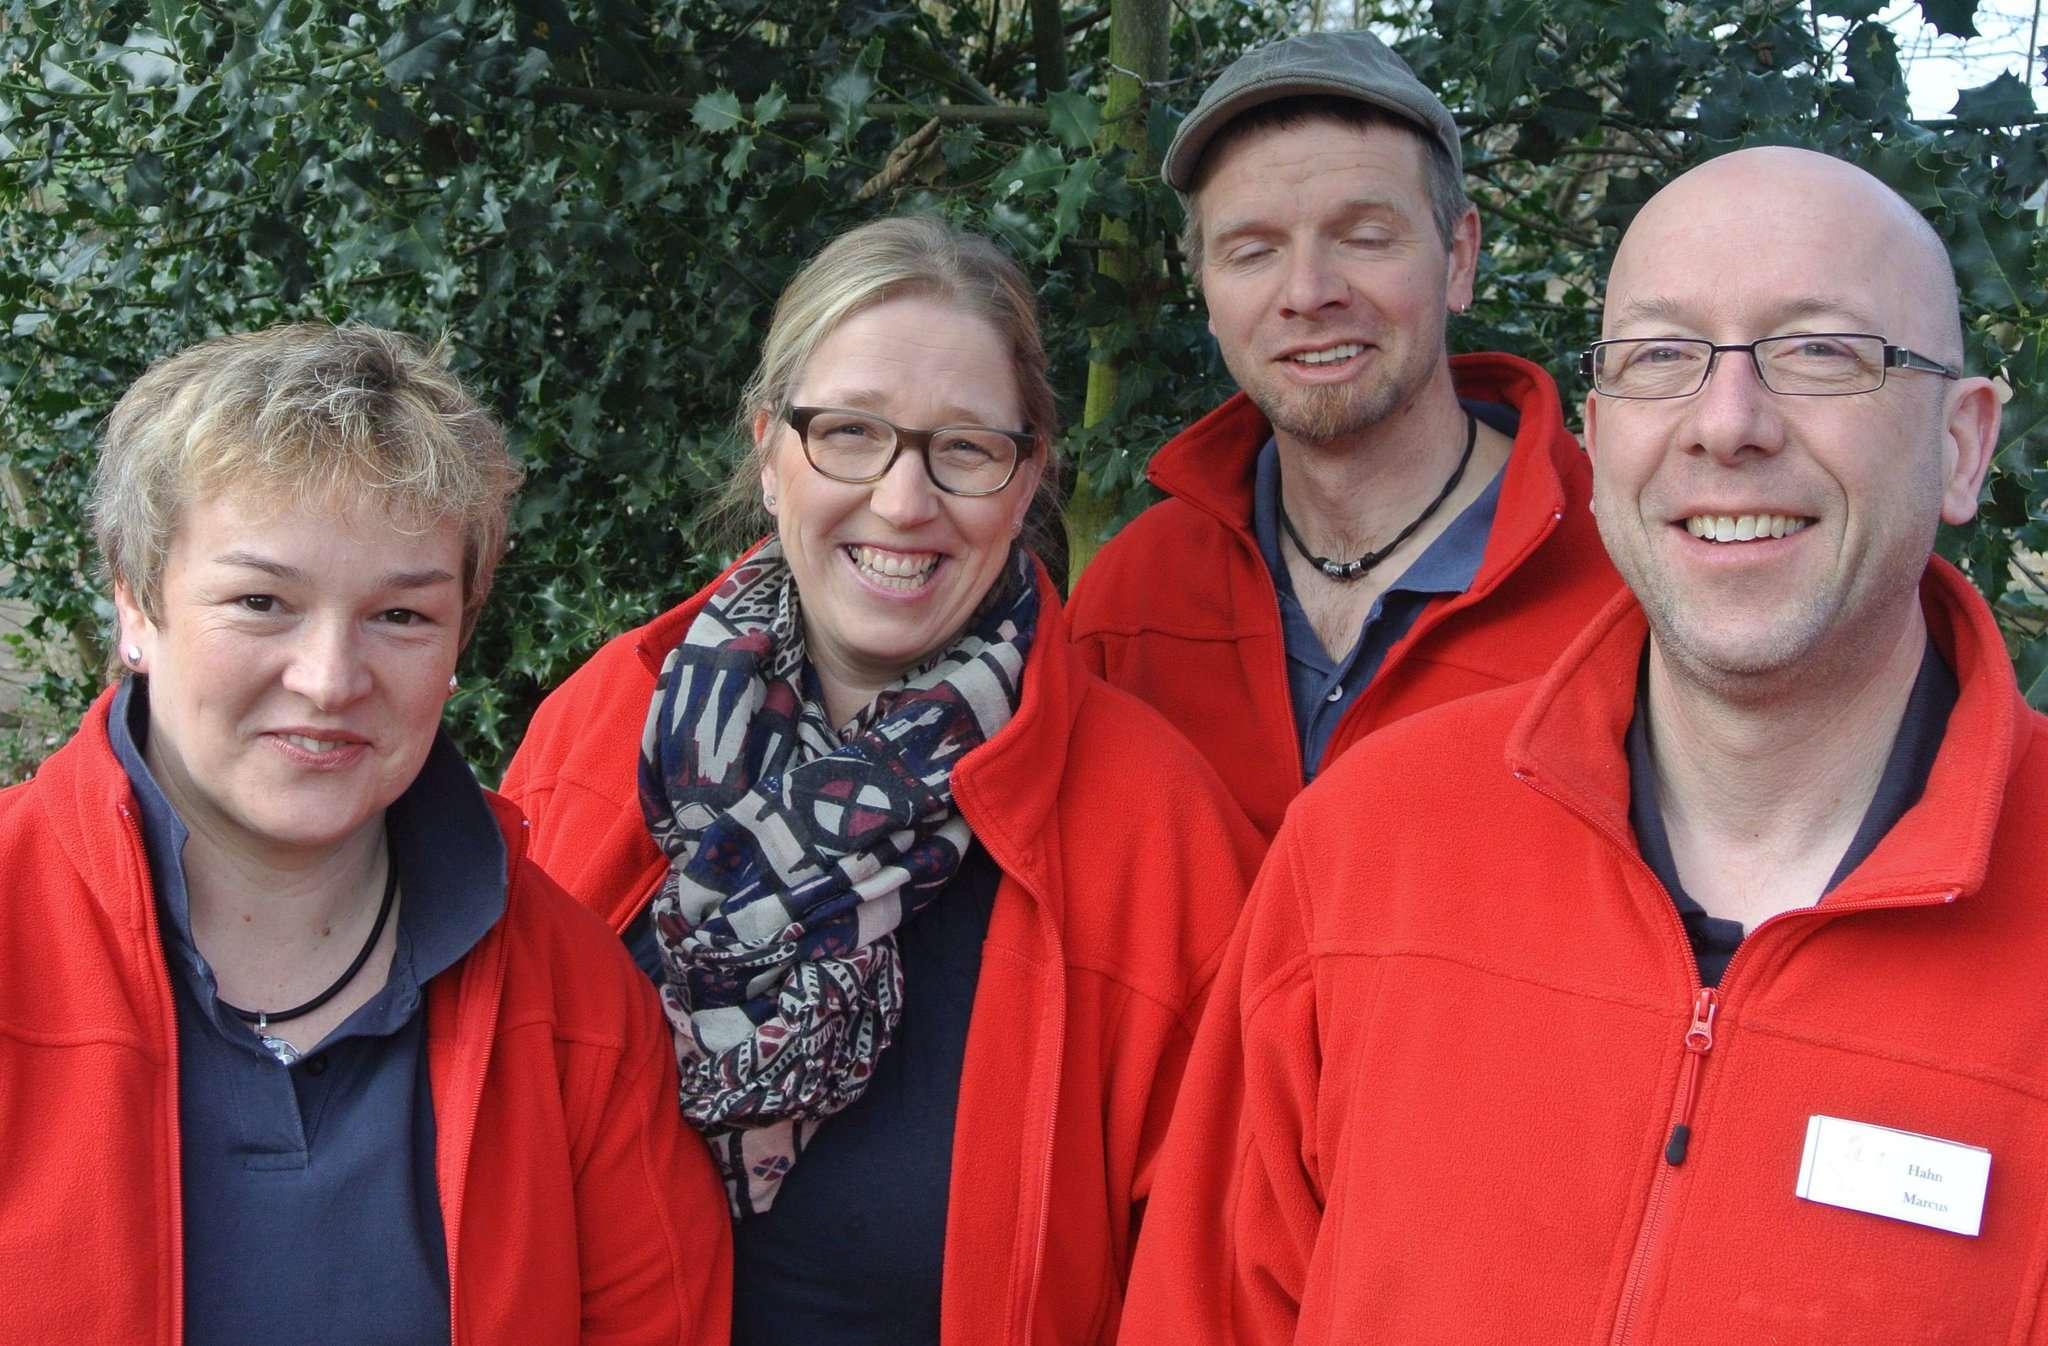 Dagmar Petersen (von links), Silke und Jens Gebhardt sowie Marcus Pattschull wollen die Organisation nun weitergeben.